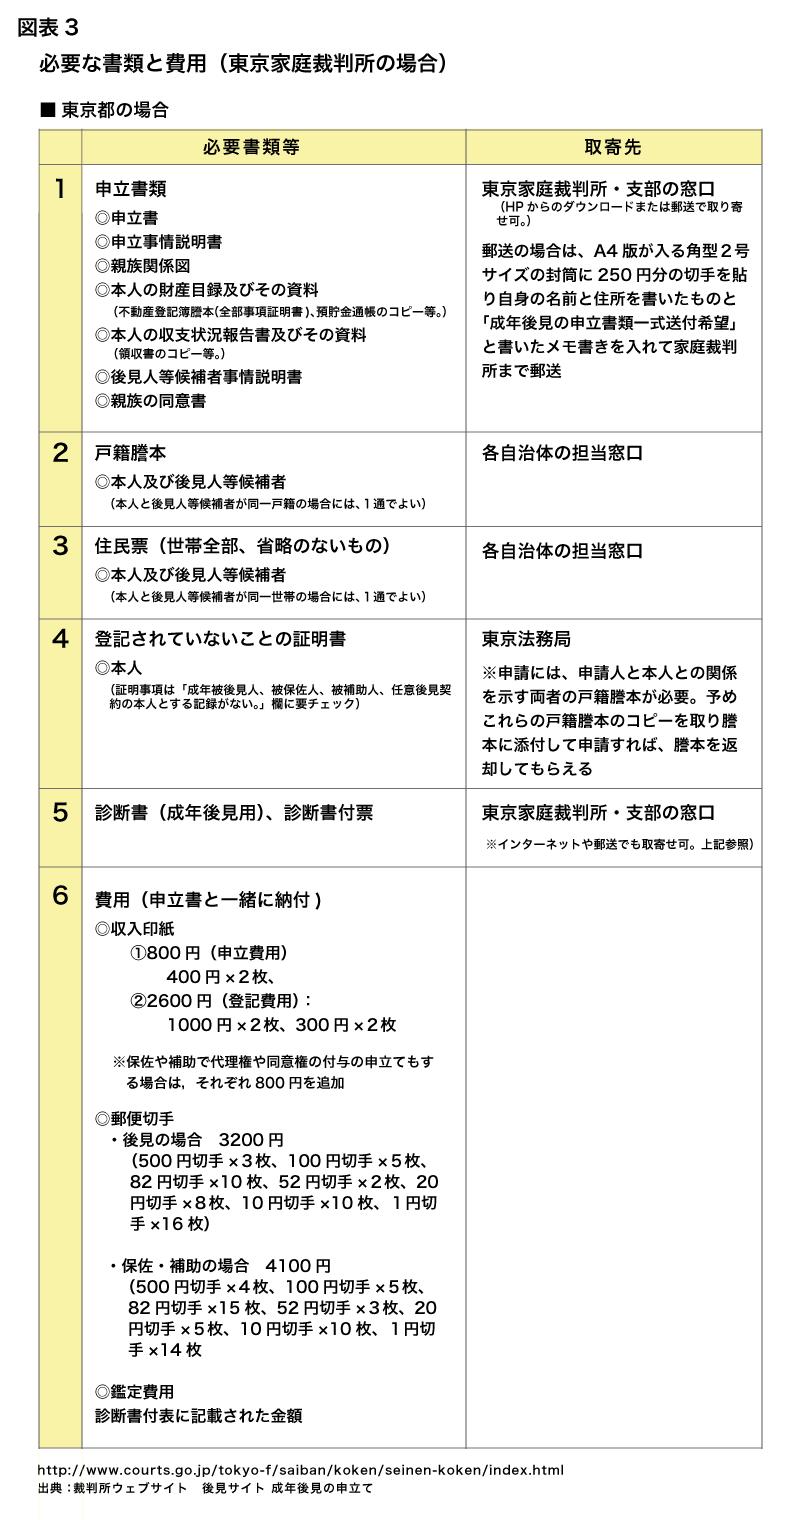 必要な書類と費用(東京家庭裁判所の場合)